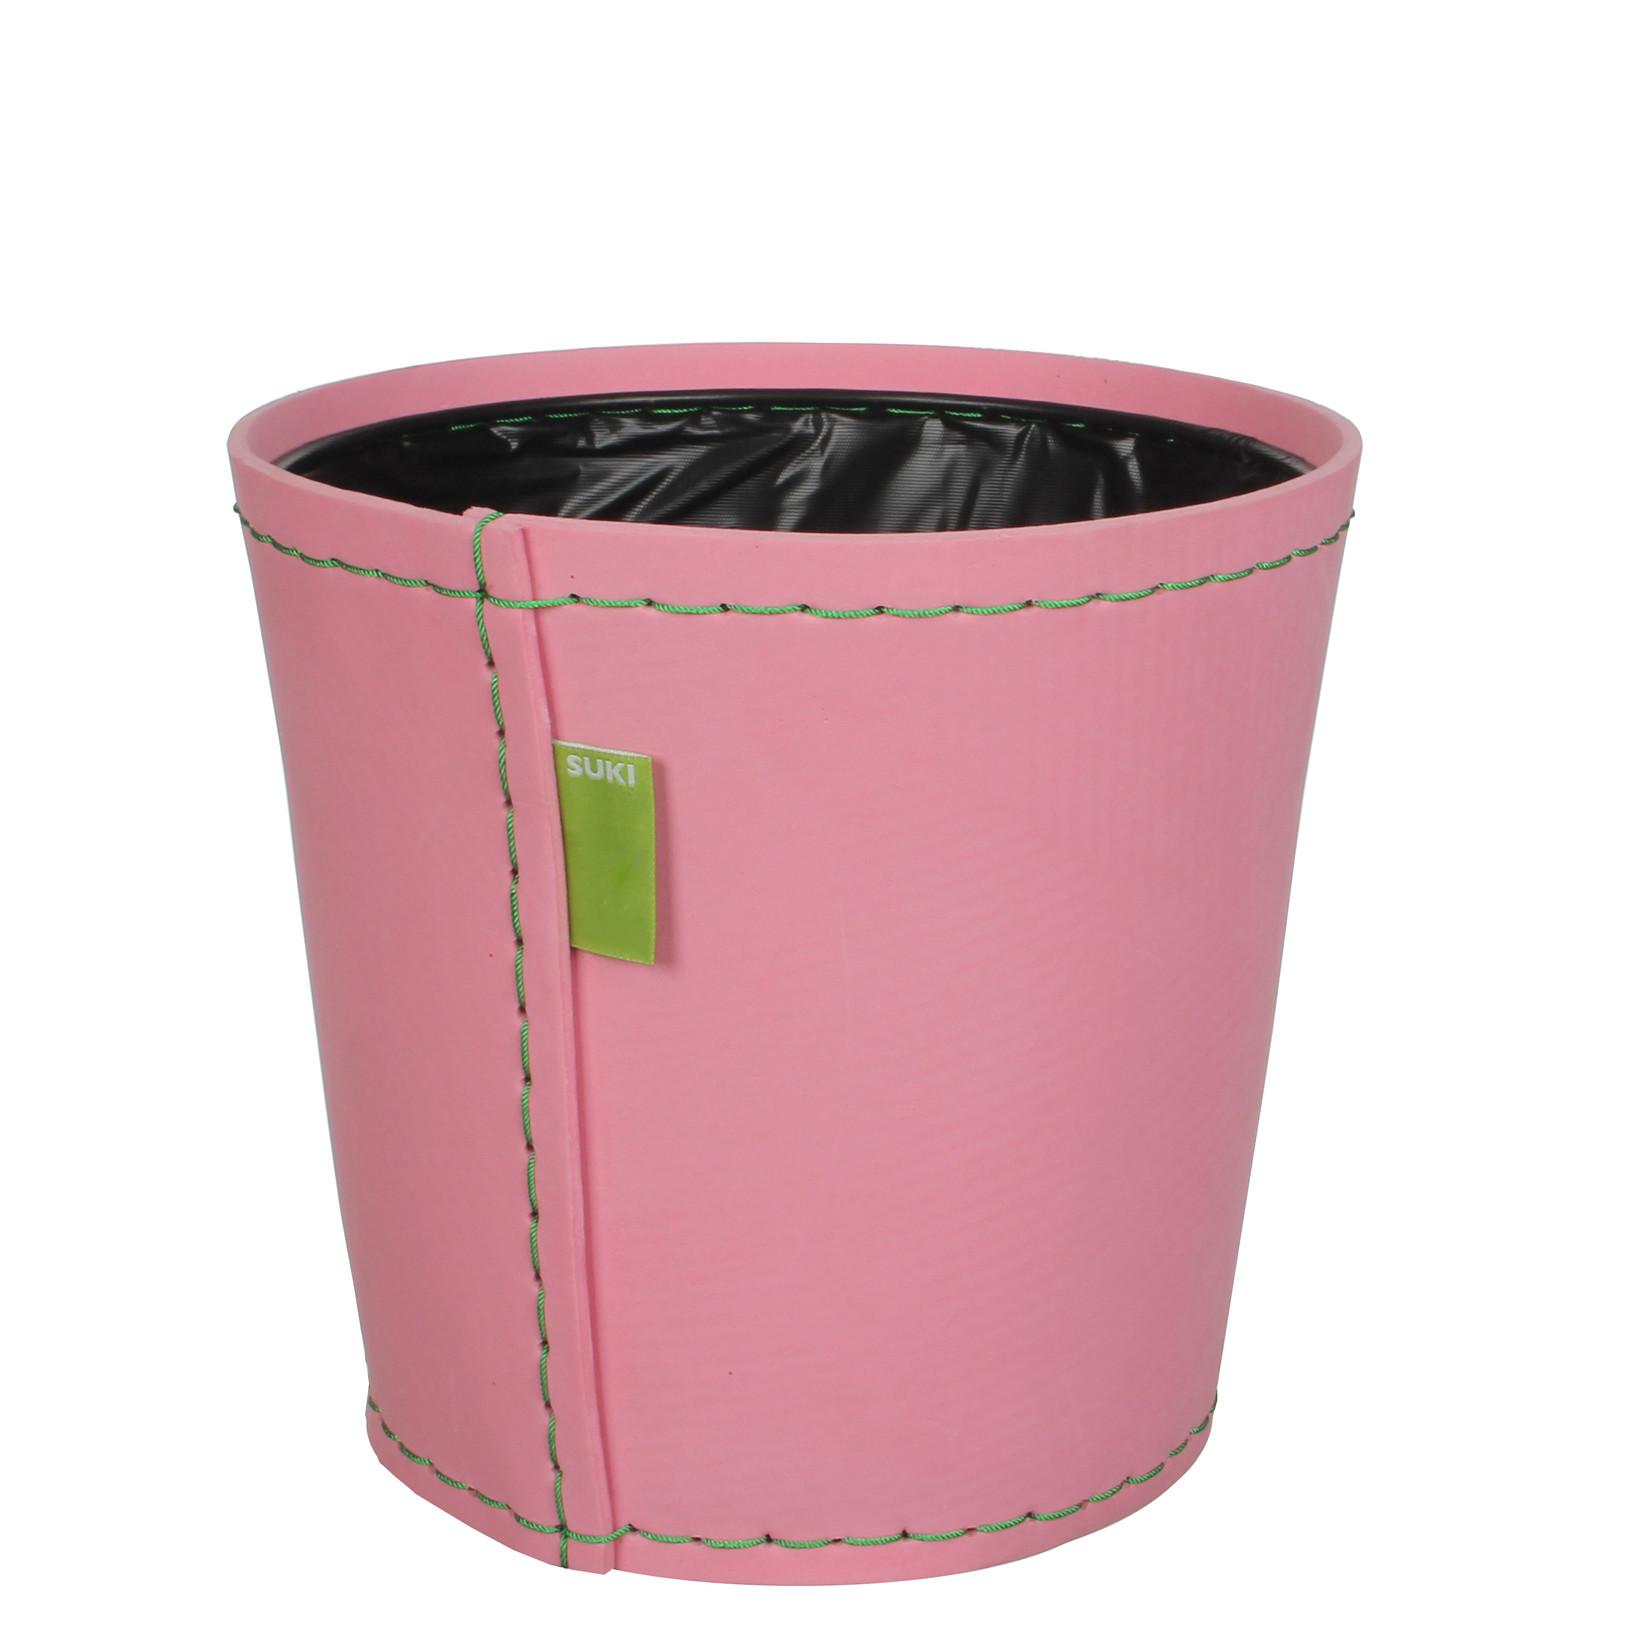 MiCa 152311 Pot around Suki Pink